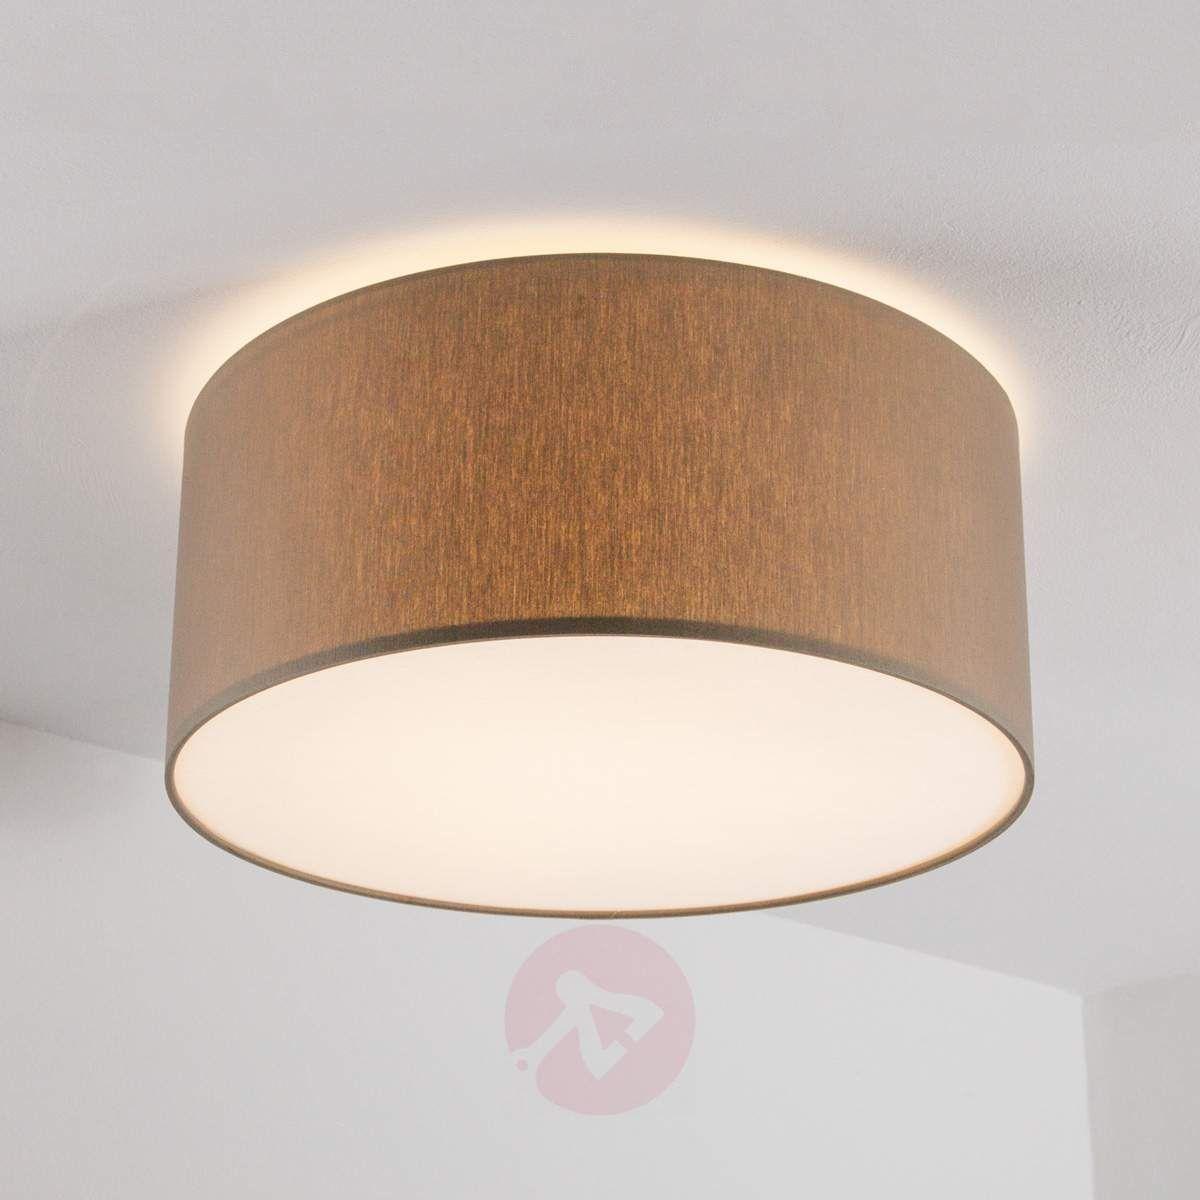 Szarobrązowa Lampa Sufitowa Mara 40 Cm Lampy Sufitowe W